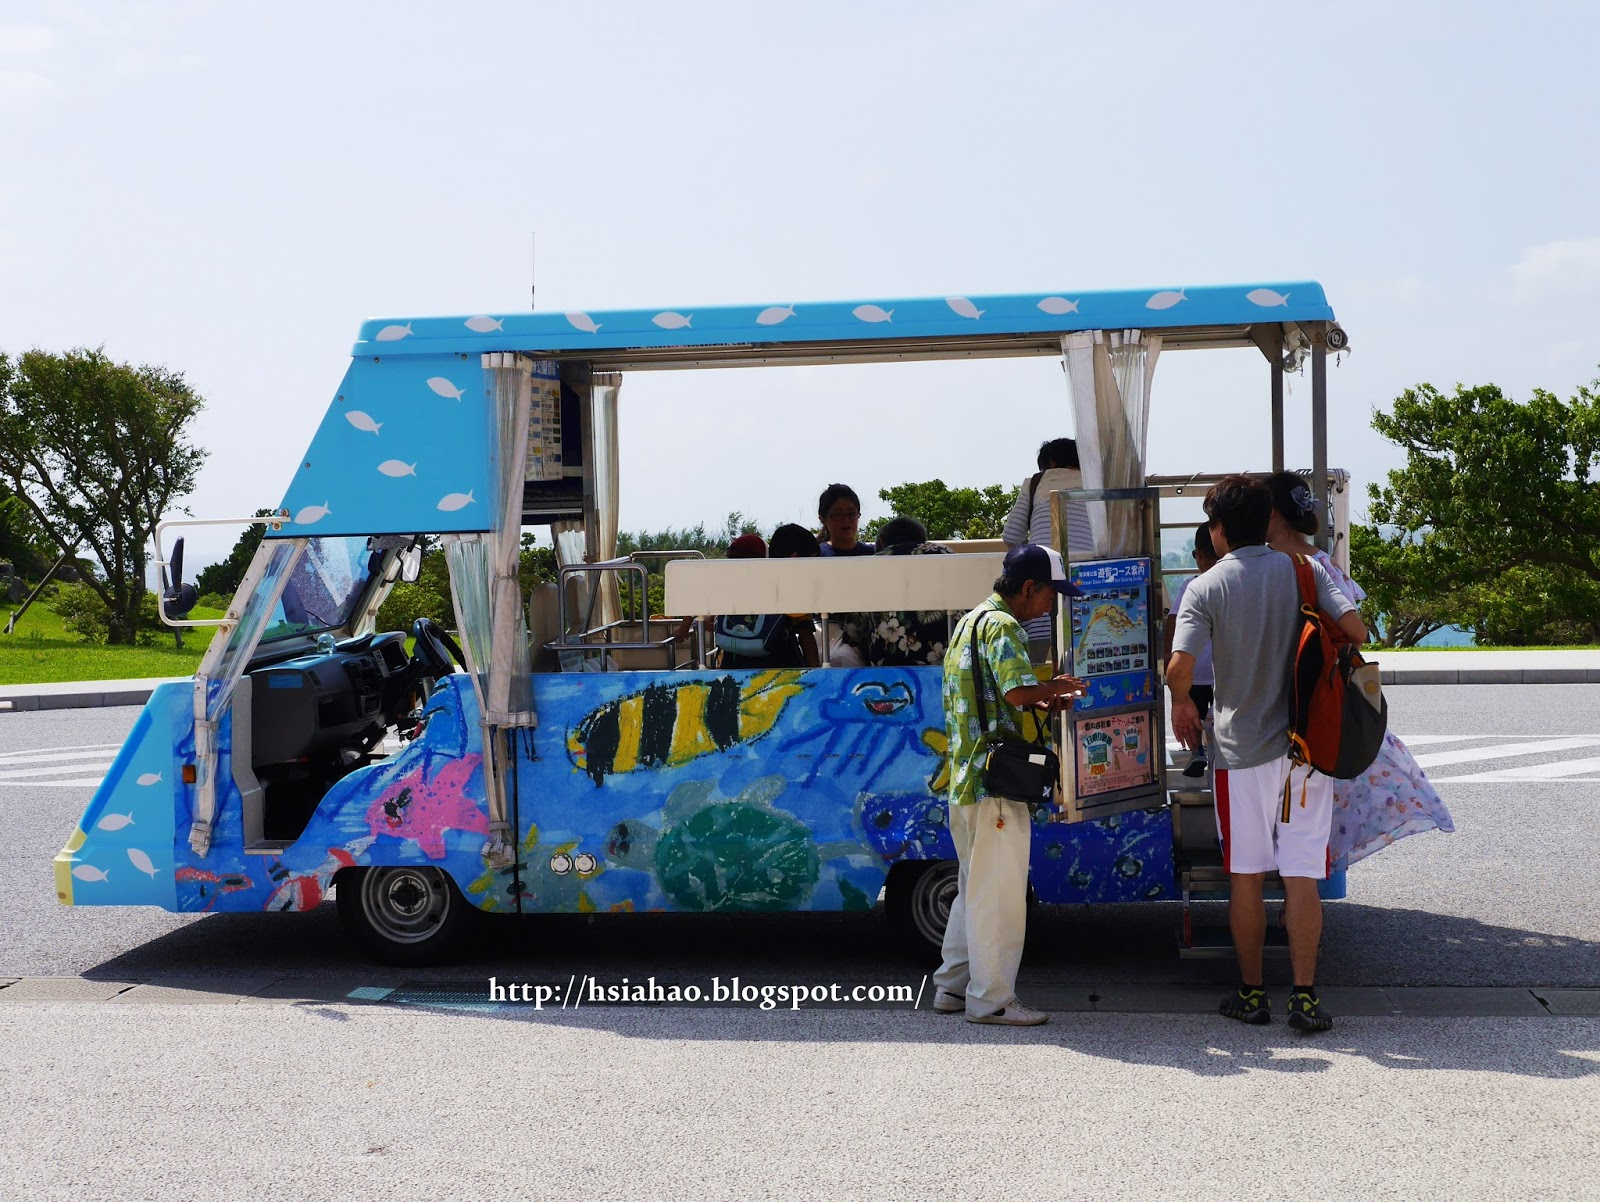 沖繩-海洋博公園-循環巴士-美麗海水族館-景點-自由行-旅遊-旅行-okinawa-ocean-expo-park-Churaumi